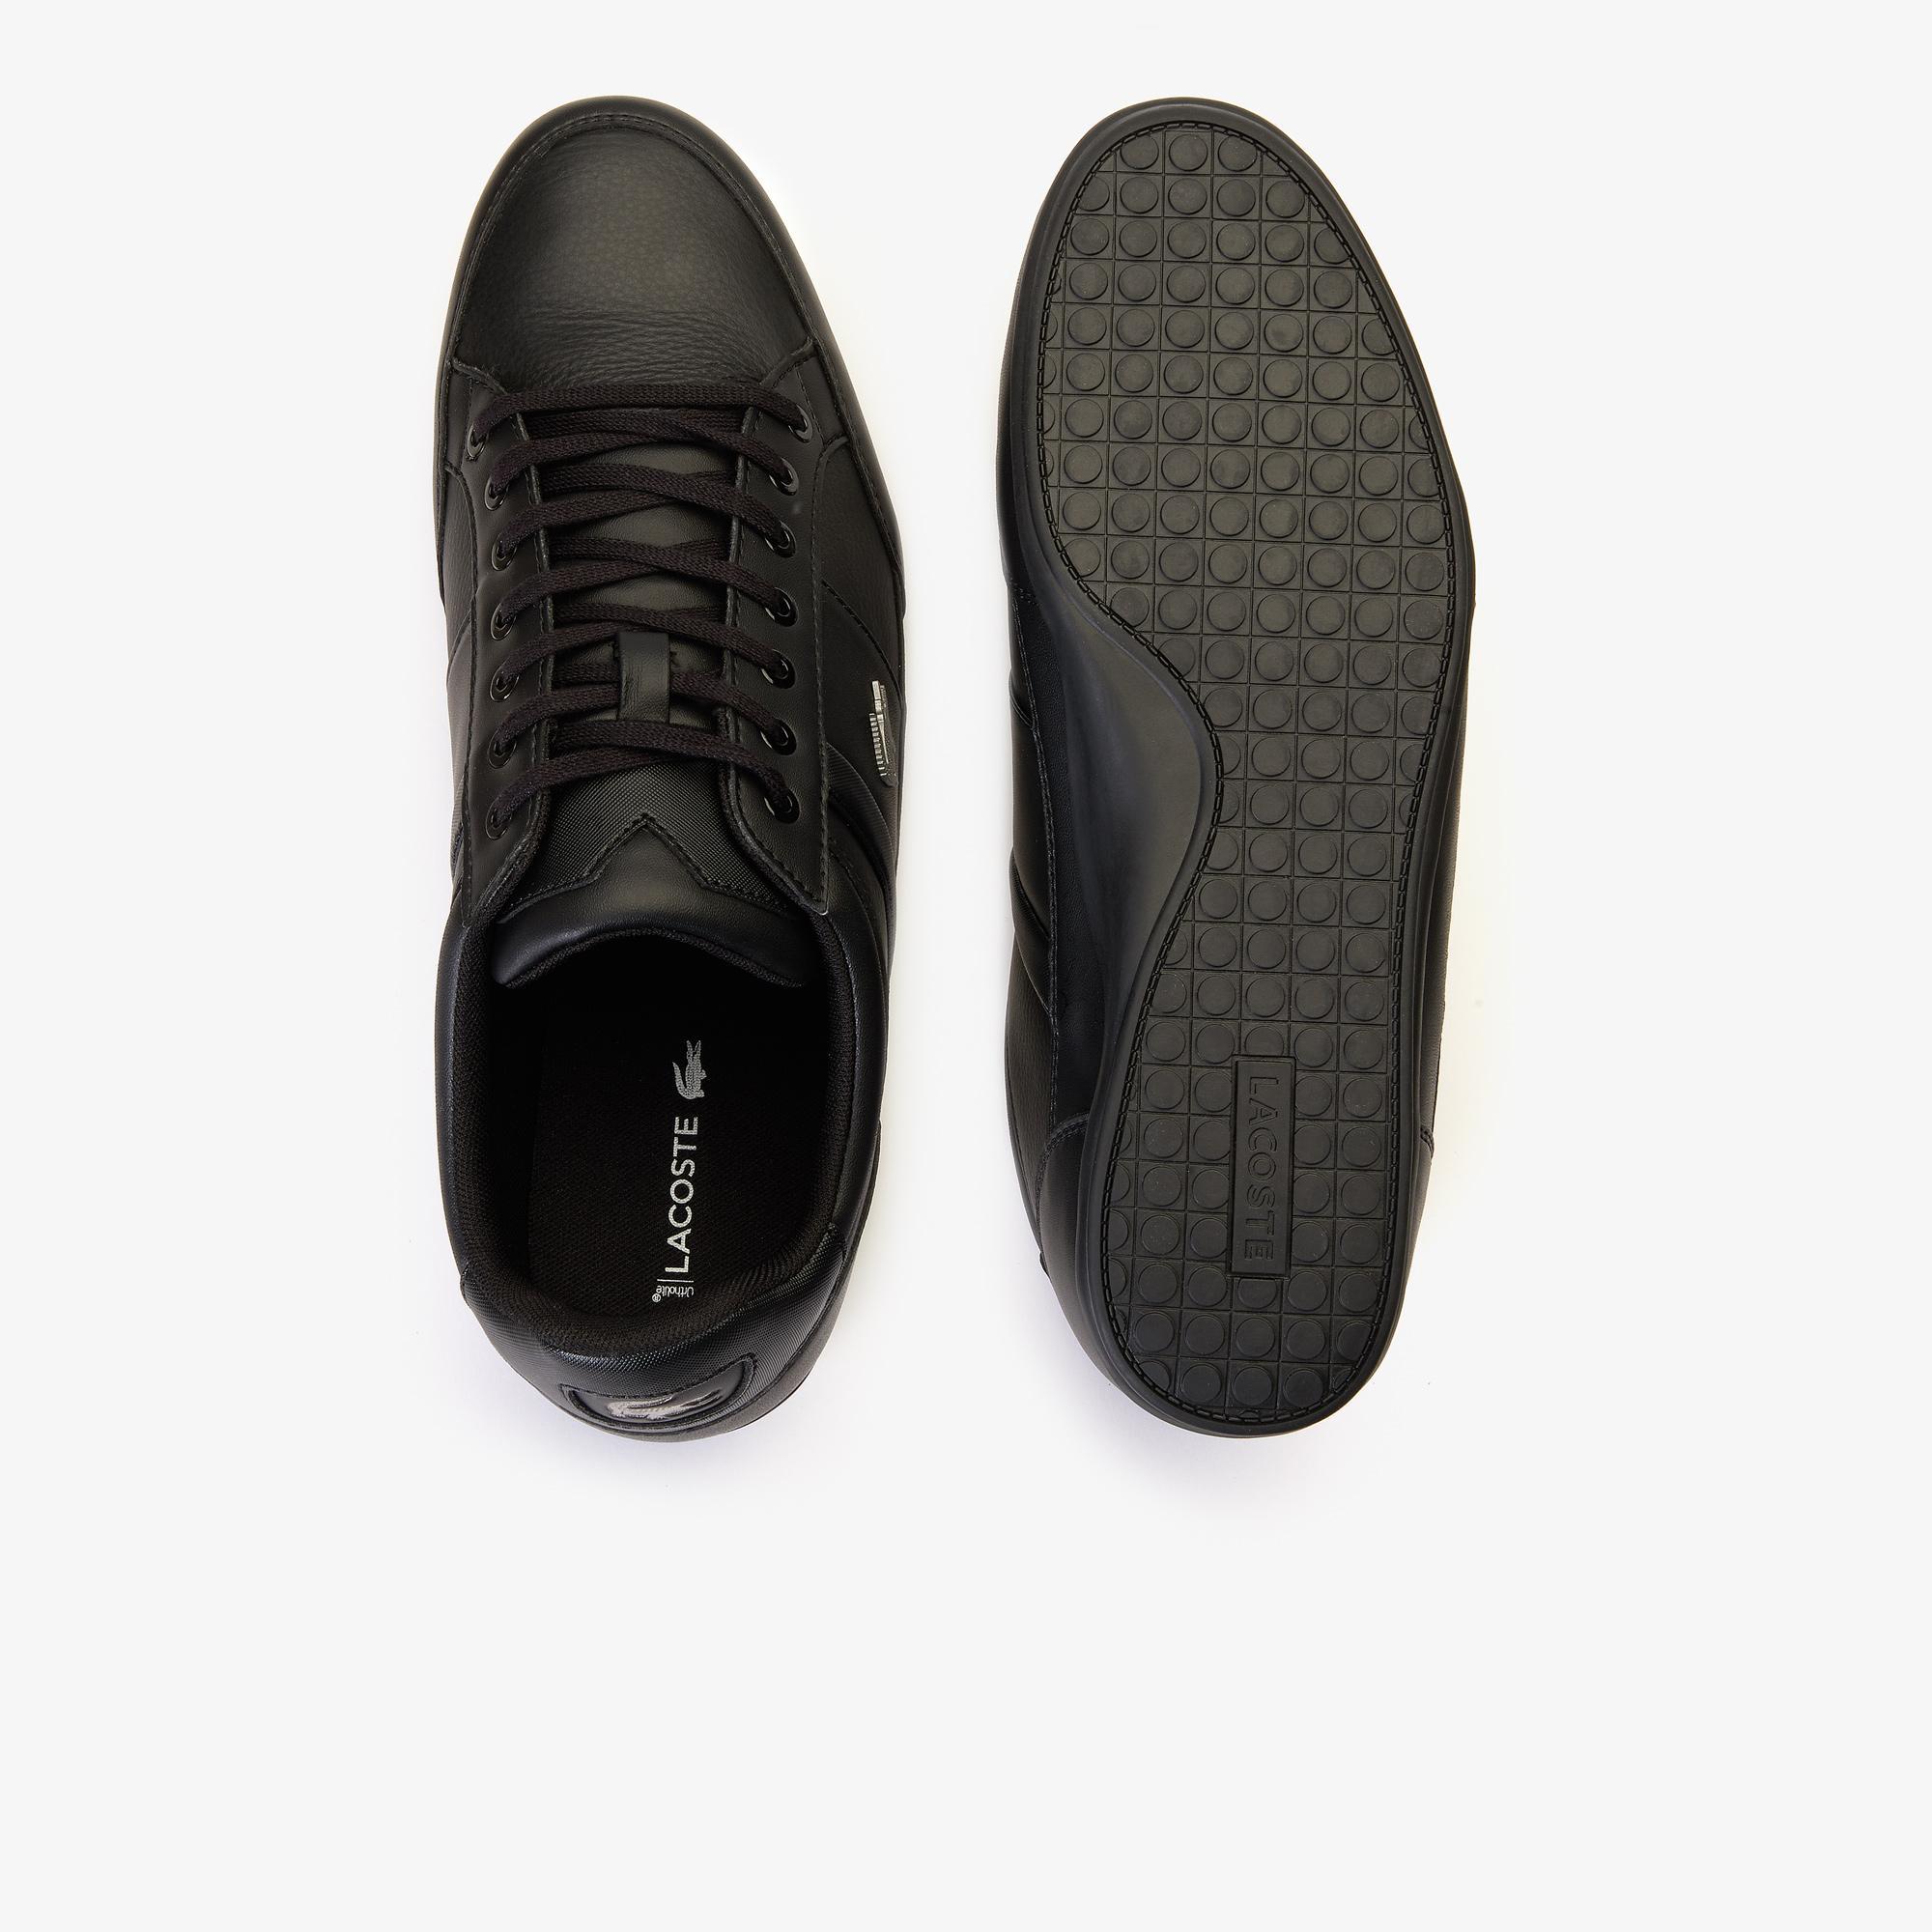 Lacoste Chaymon BL 1 Cma Erkek Siyah Sneaker